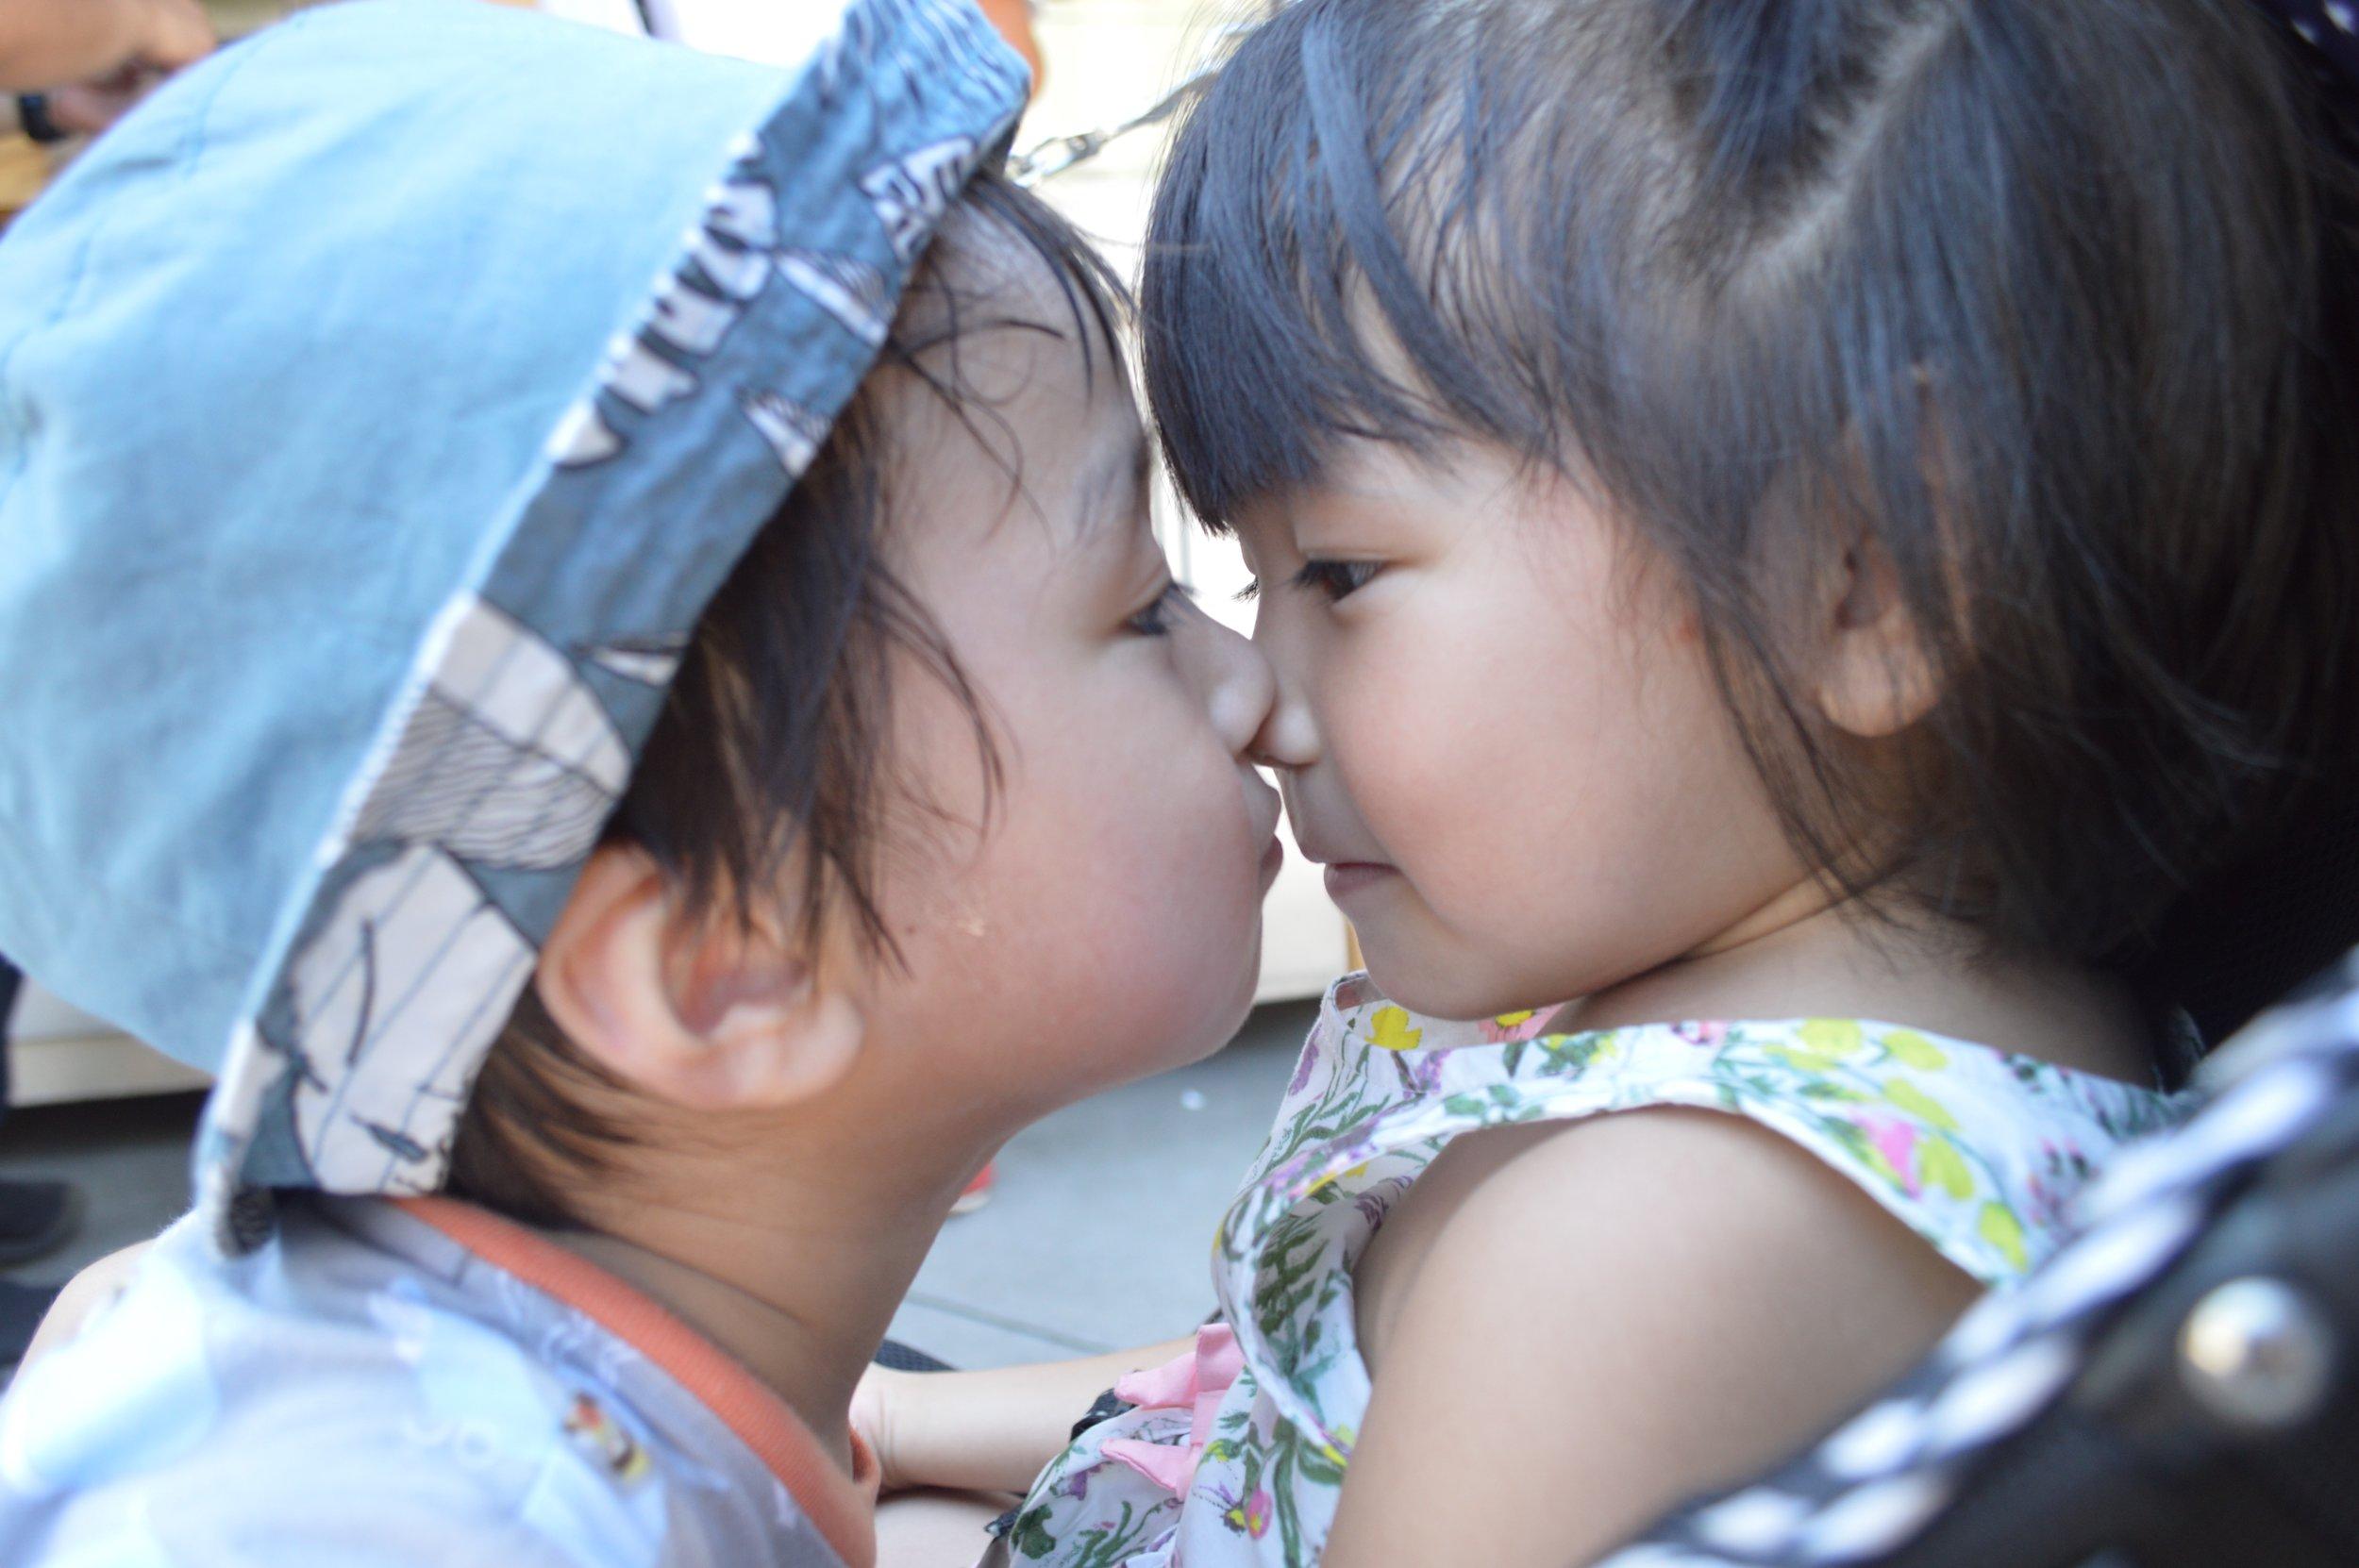 Little Mahina waking up to a prince's kiss